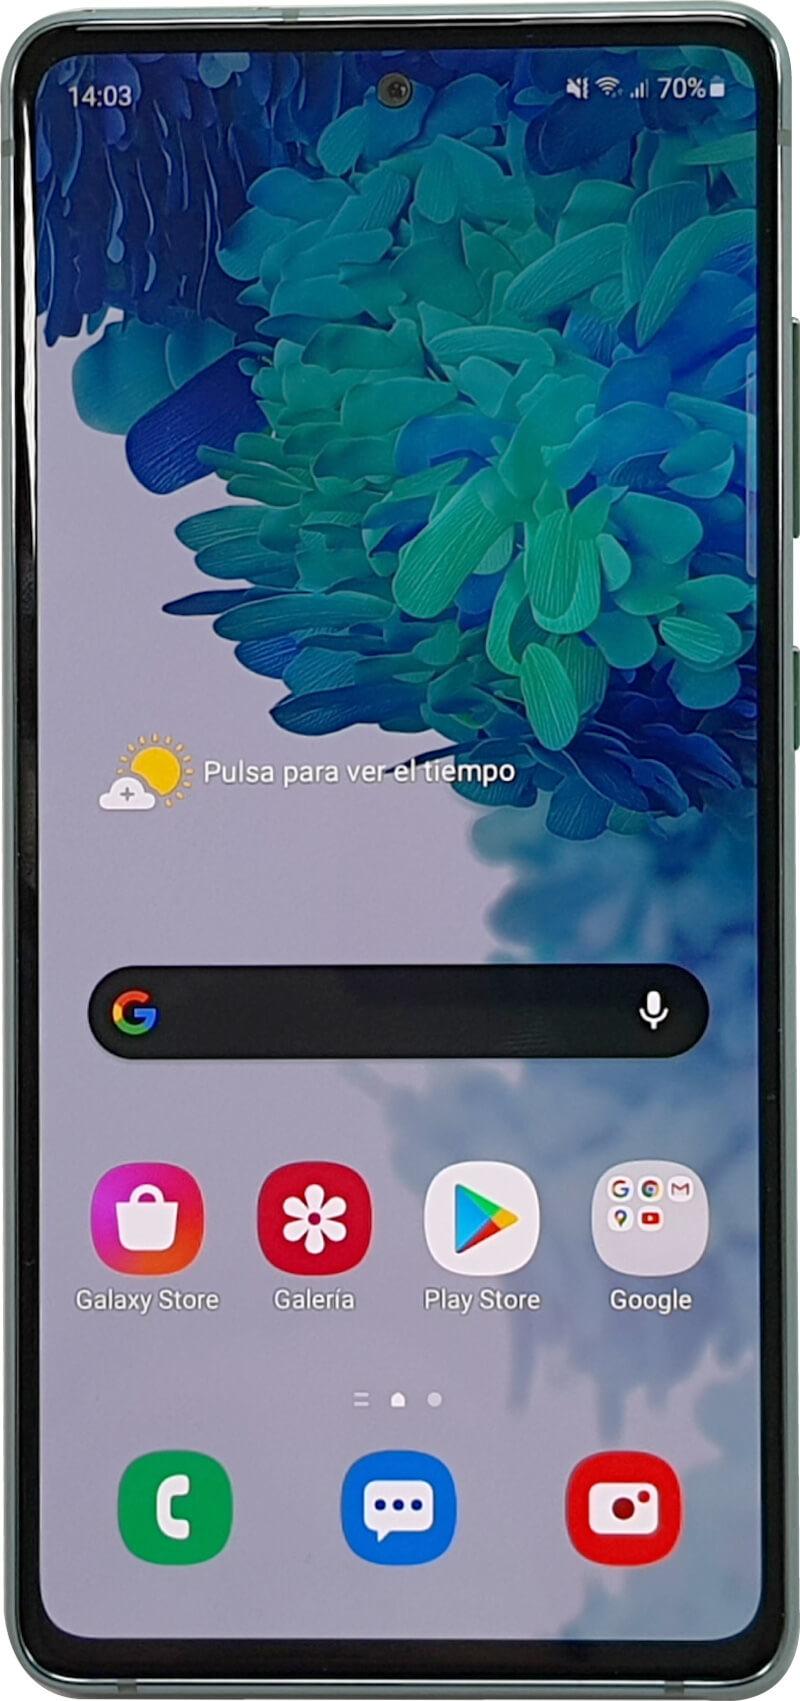 Samsung Galaxy S20 FE de fente